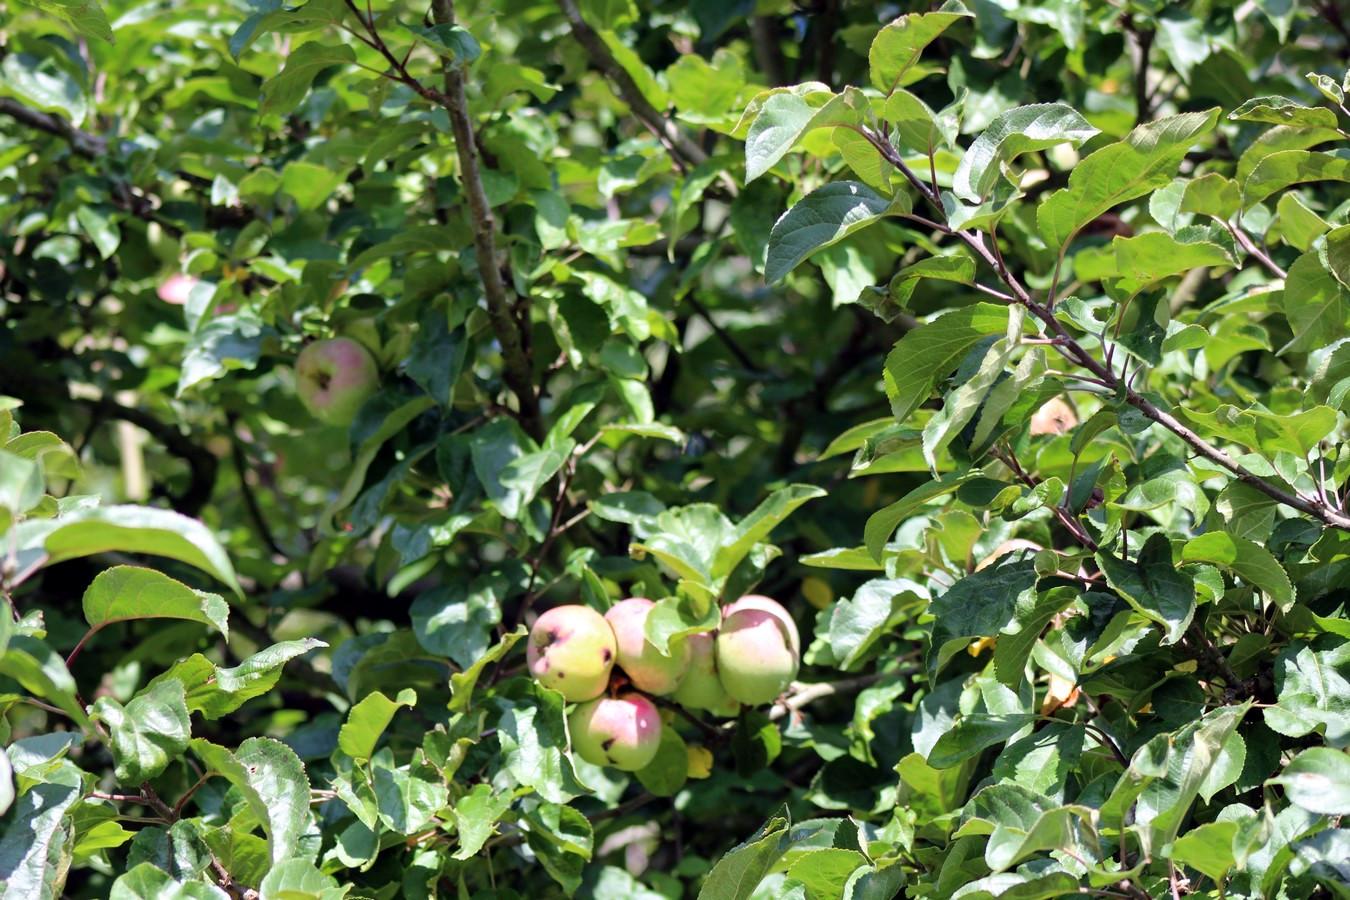 [Fil ouvert] Fruit sur l'arbre - Page 9 178393009Copier